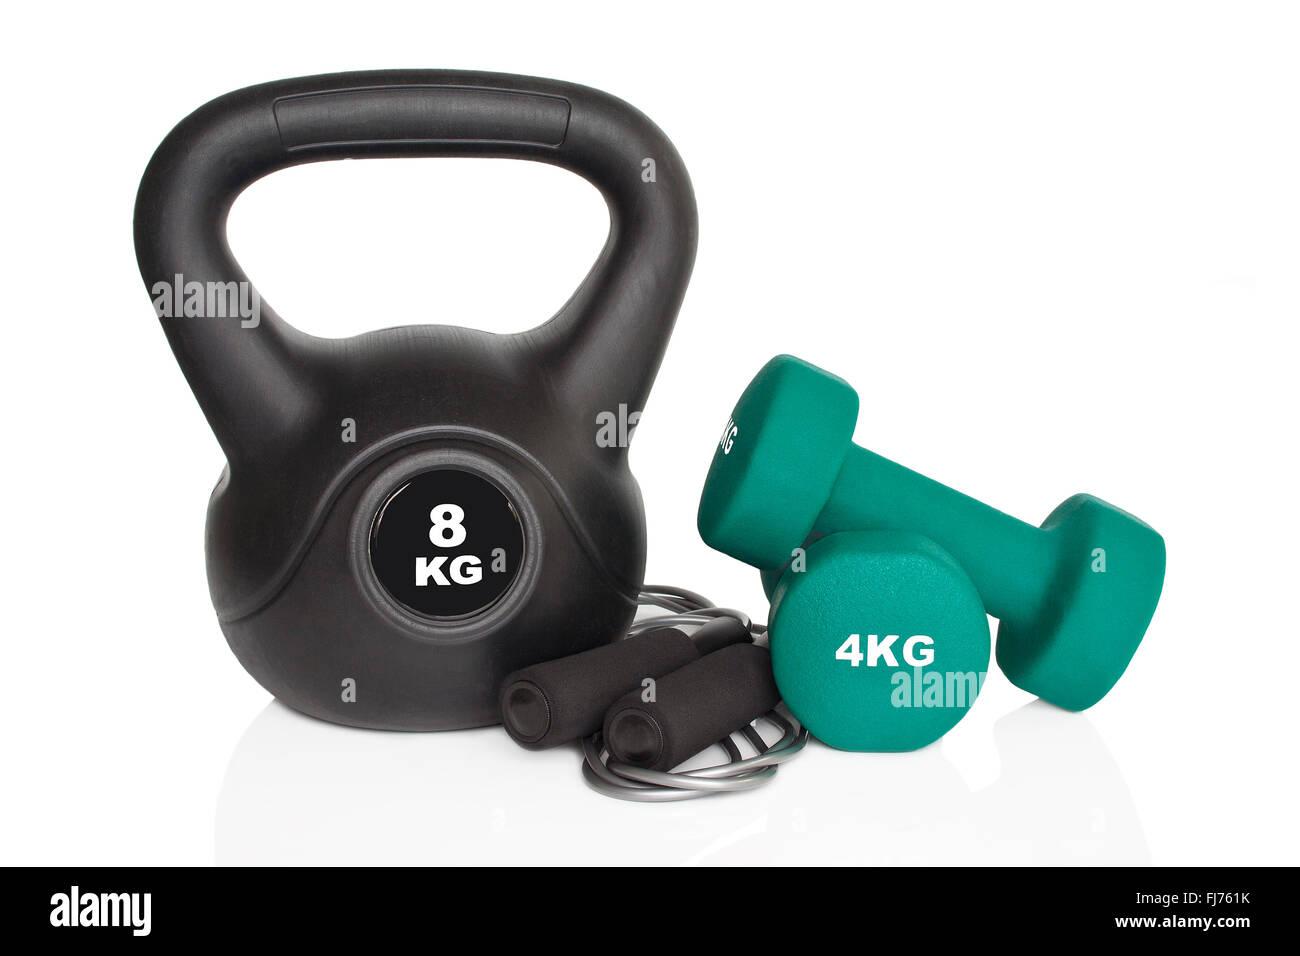 Hanteln, Kettlebell und Springseil isoliert auf weißem Hintergrund. Gewichte für ein Fitness-Training. Stockbild